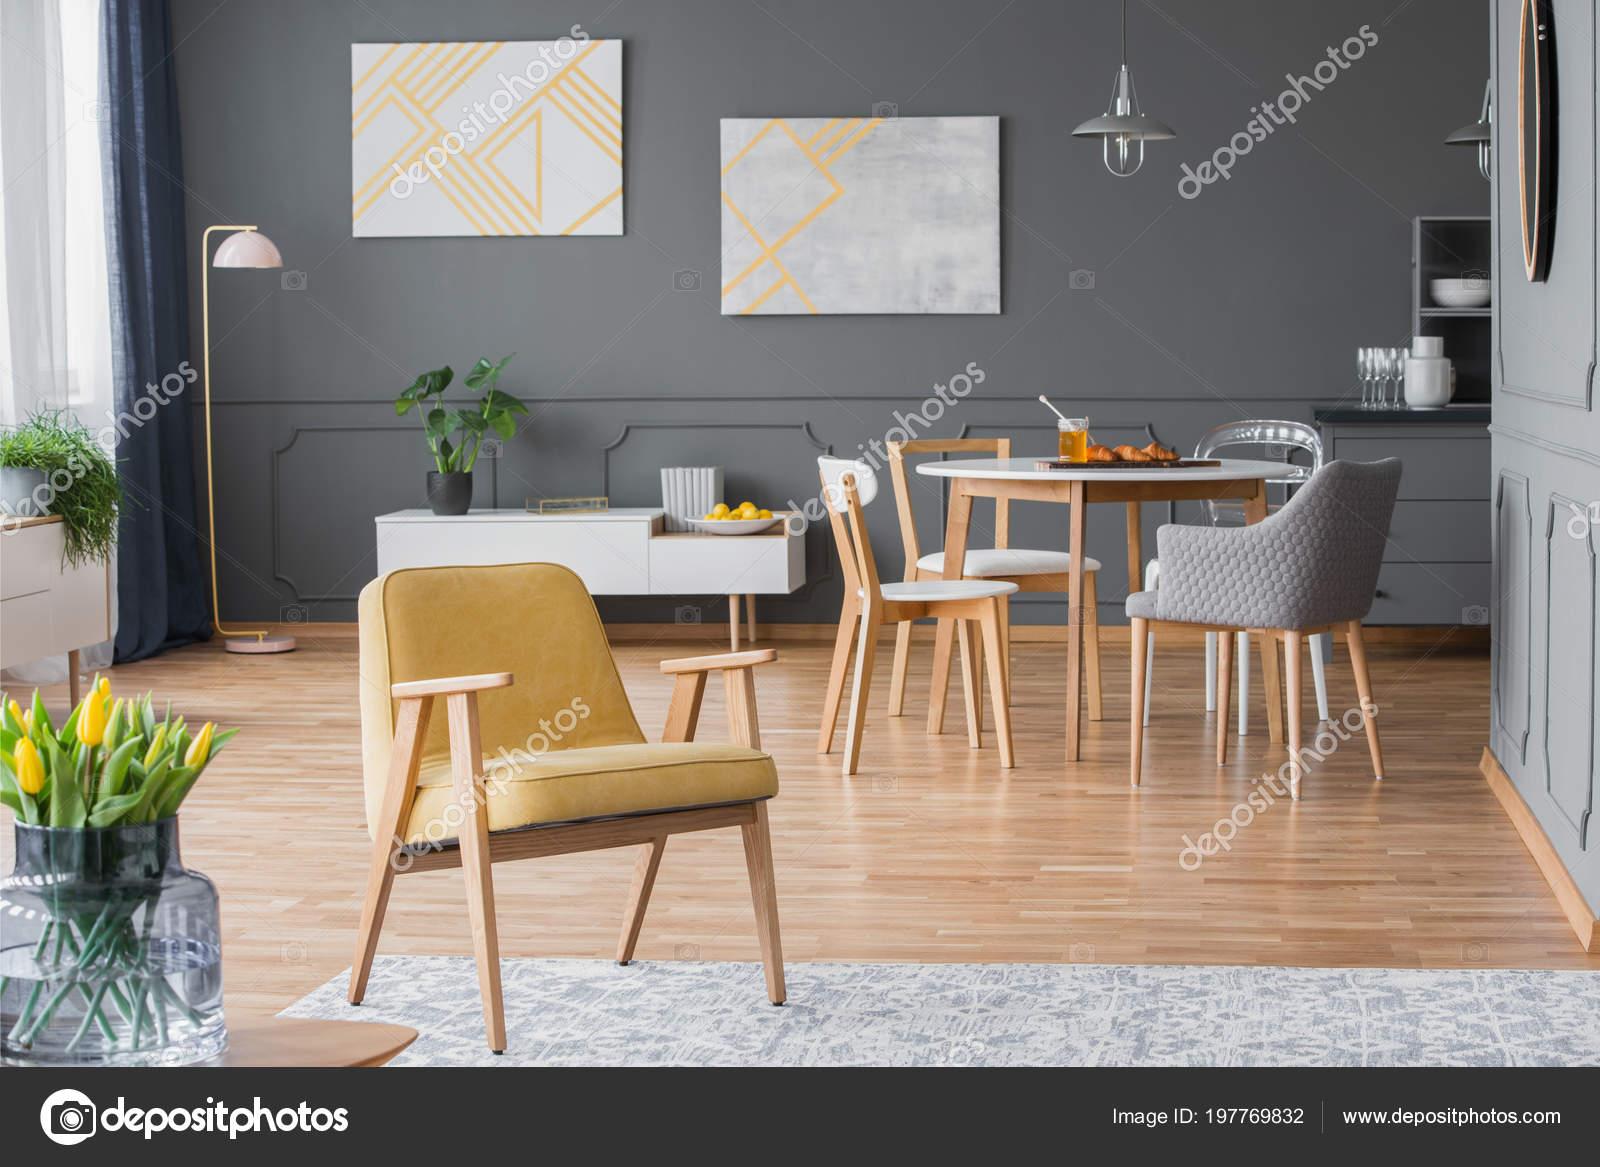 Fauteuil Vintage Jaune Dans Interieur Salle Manger Avec Une Table